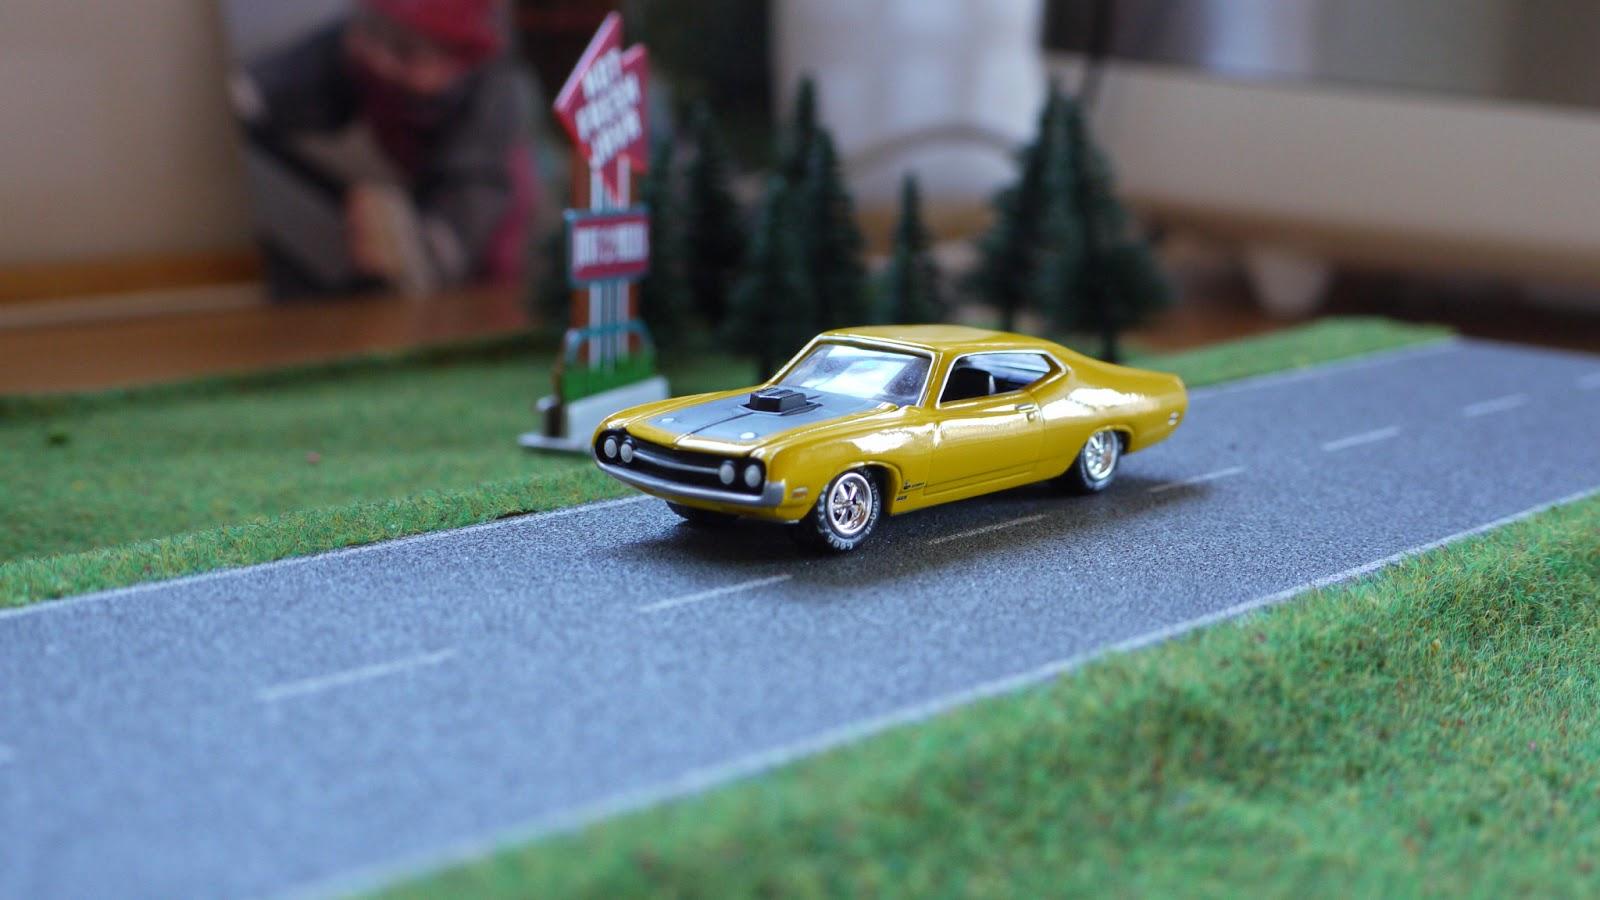 Diecast cars 1 64  Modellautos 1 64  Modellbilar 1